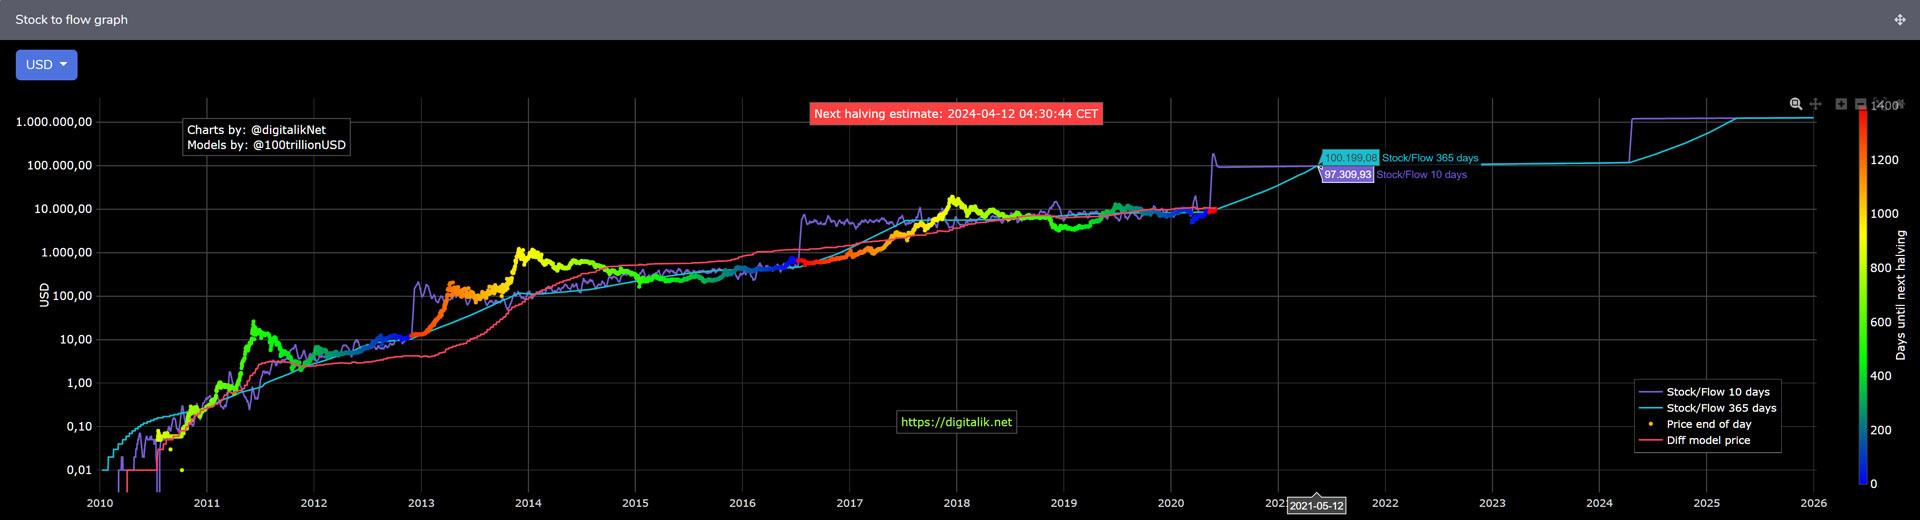 panoramica della piattaforma di trading finmax